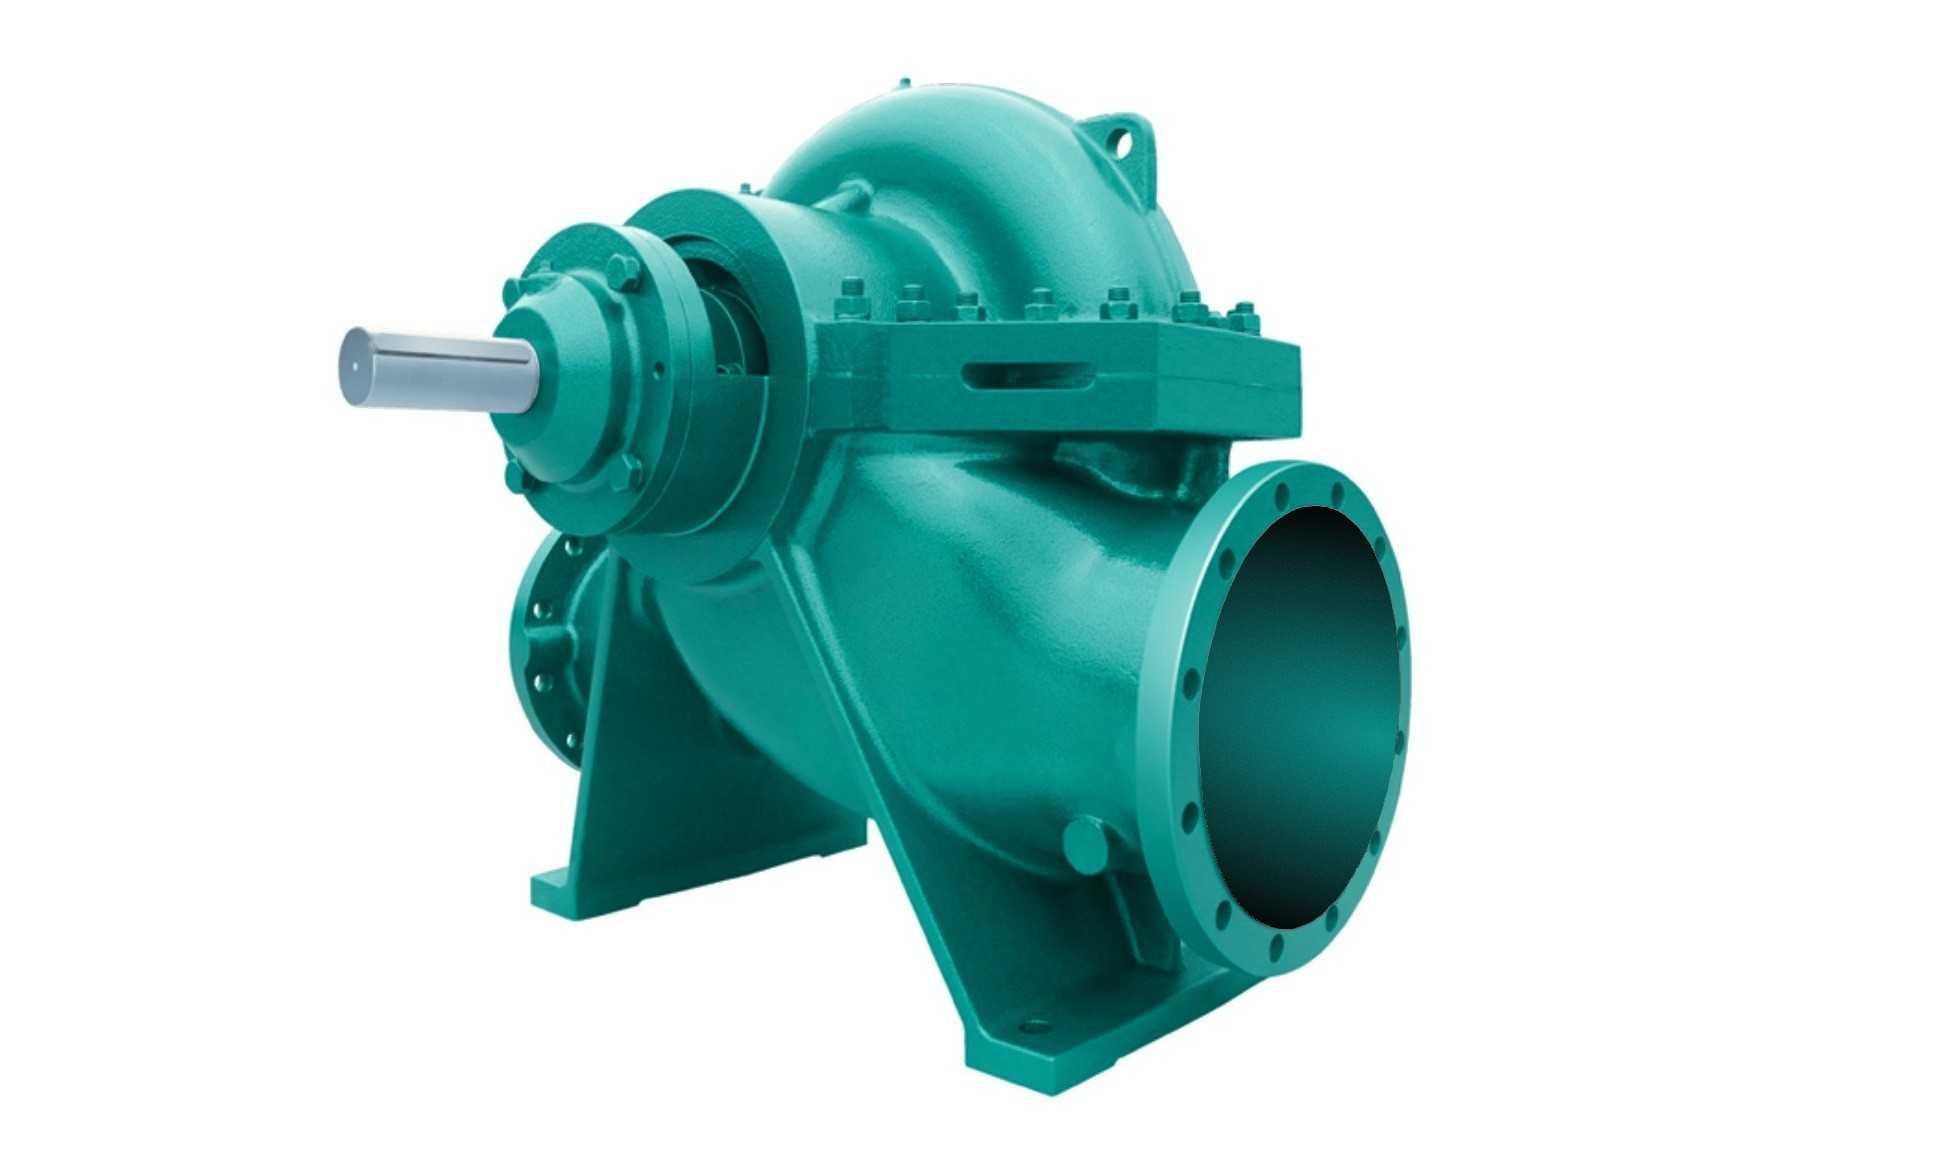 Splitcase pumps FSC